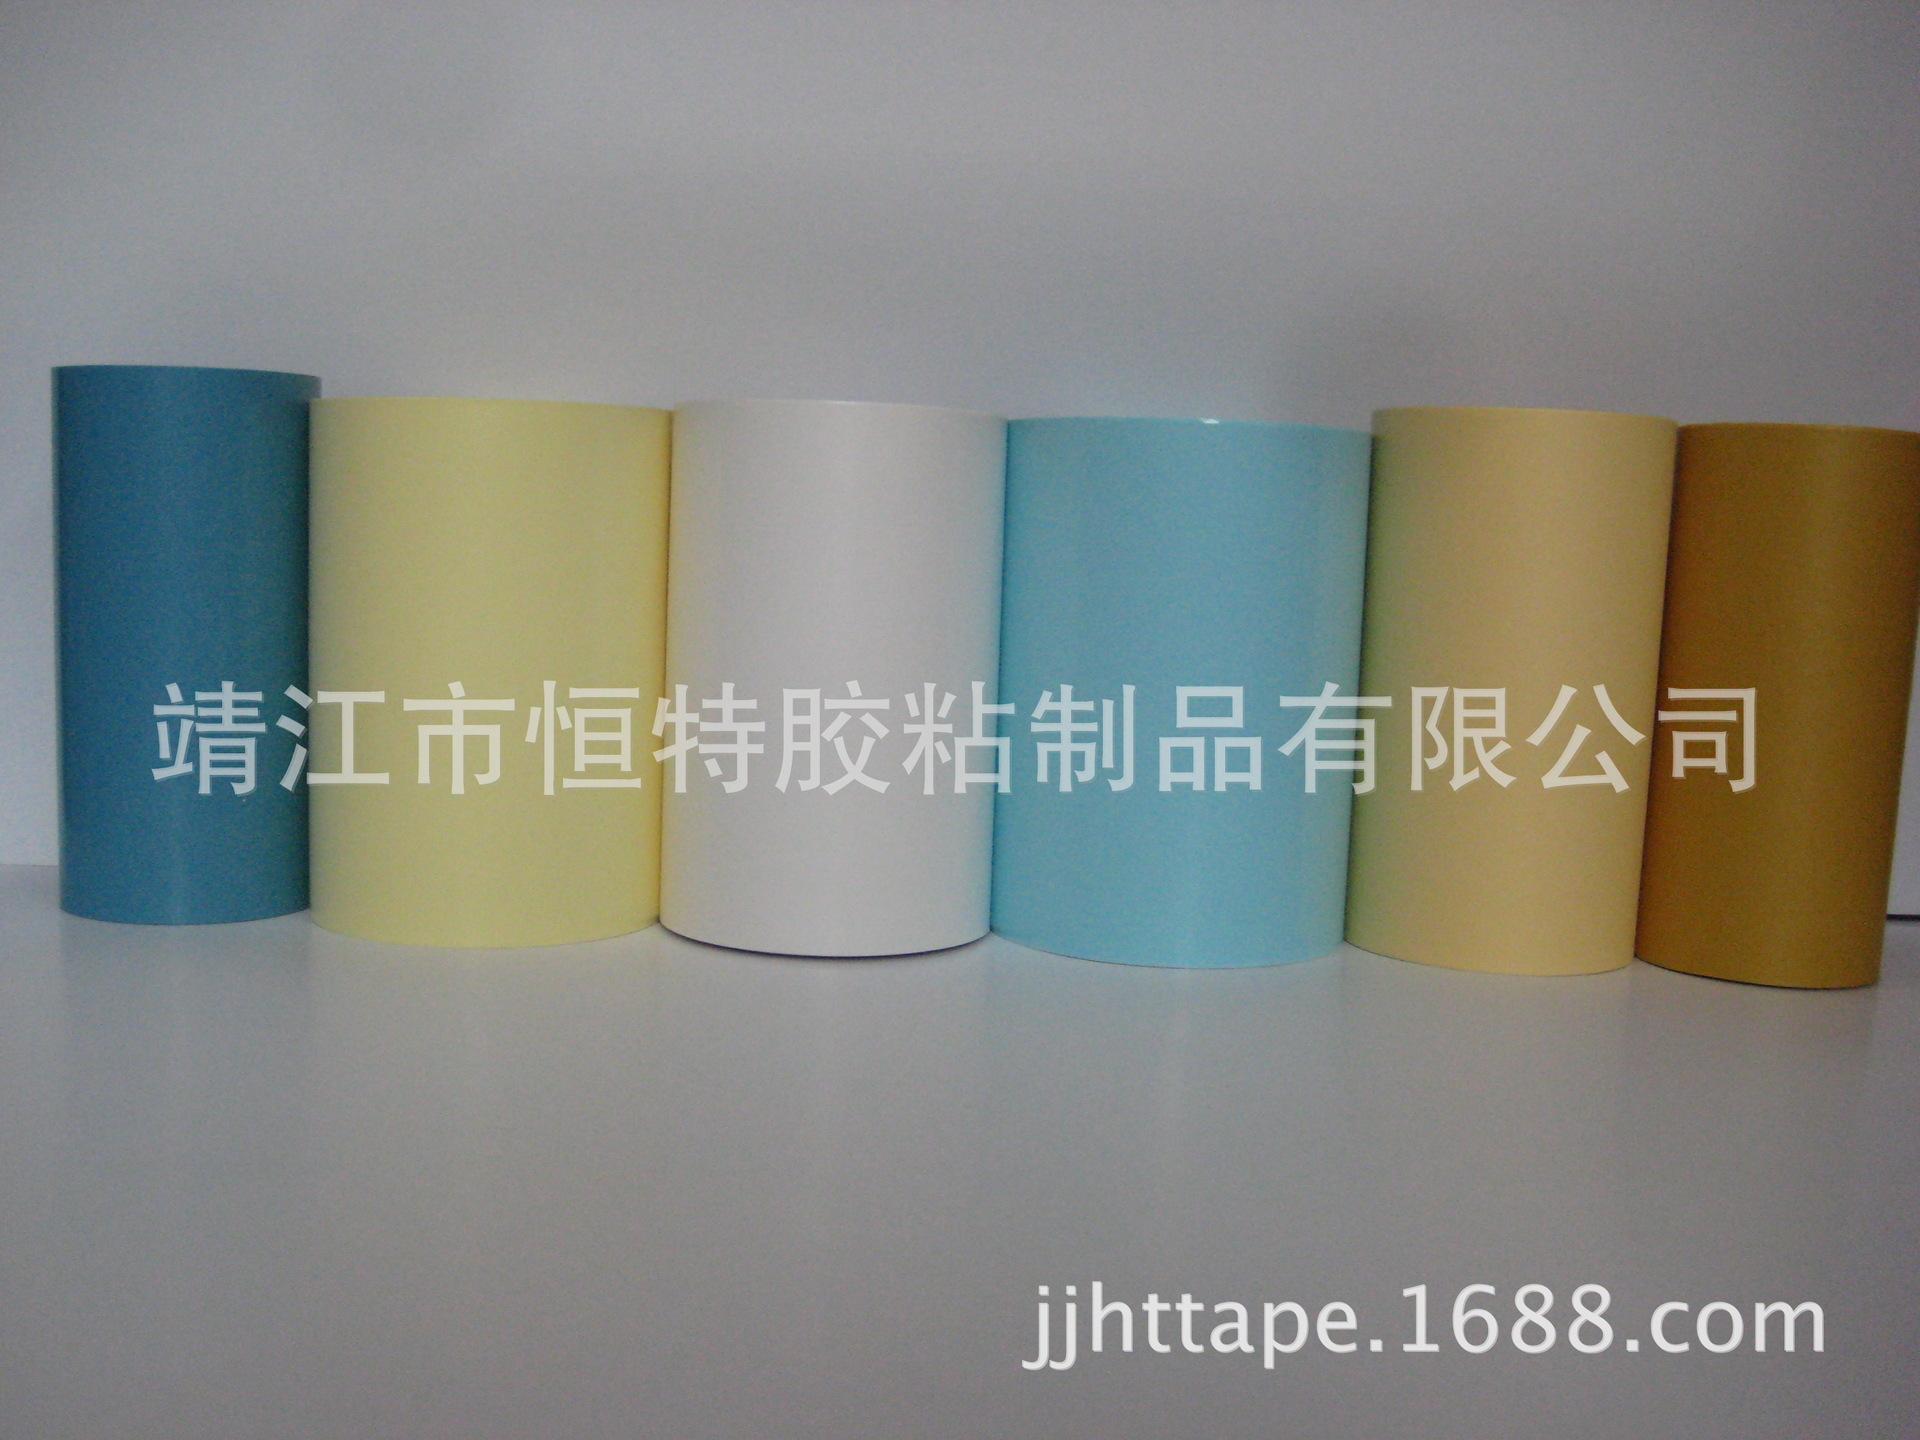 厂家提供各种厚度的白格拉辛离型纸